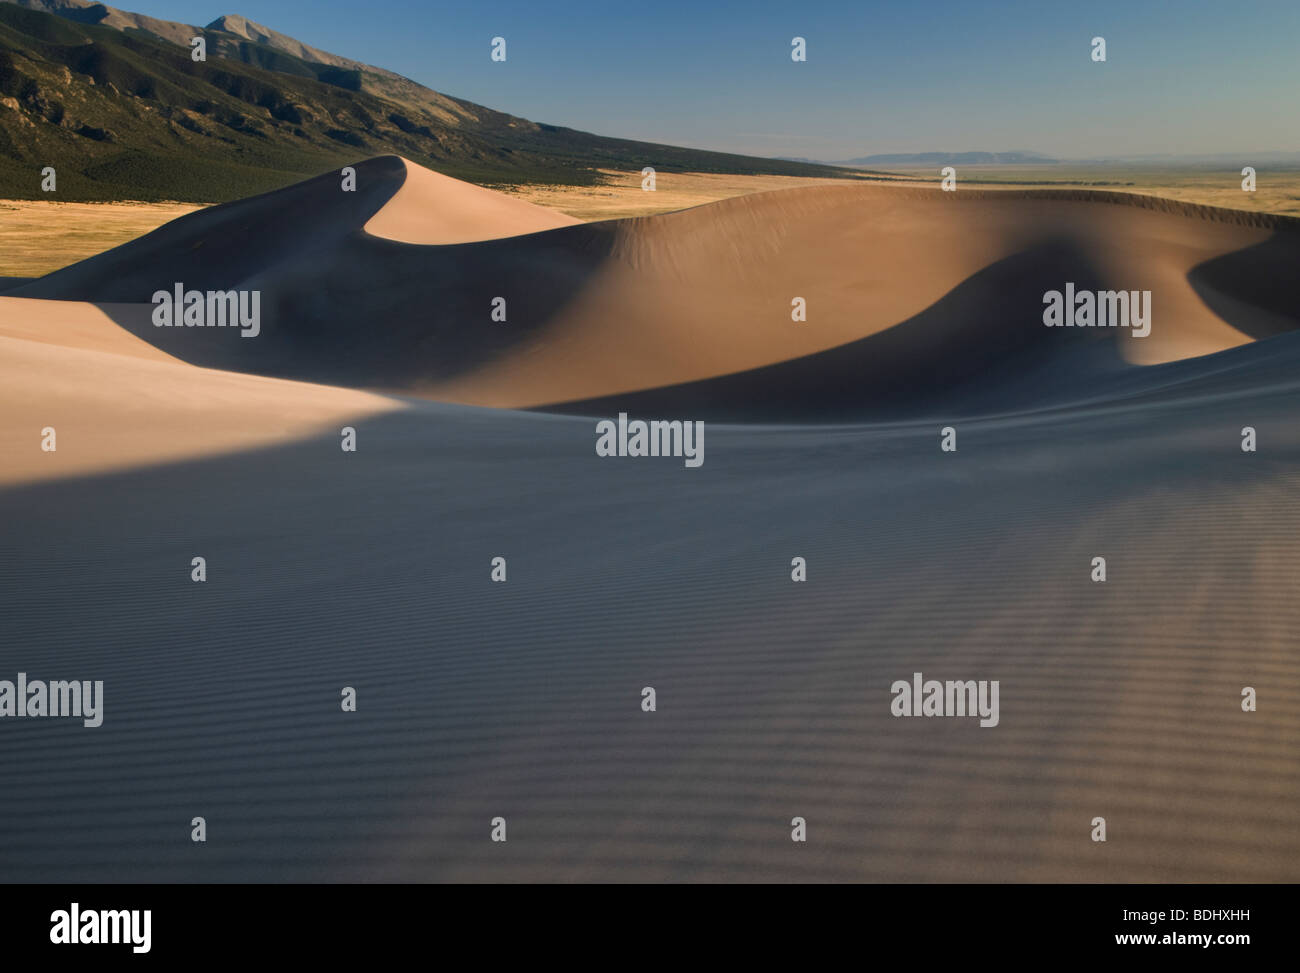 Les dunes et le sable, Great Sand Dunes National Park, Colorado Banque D'Images